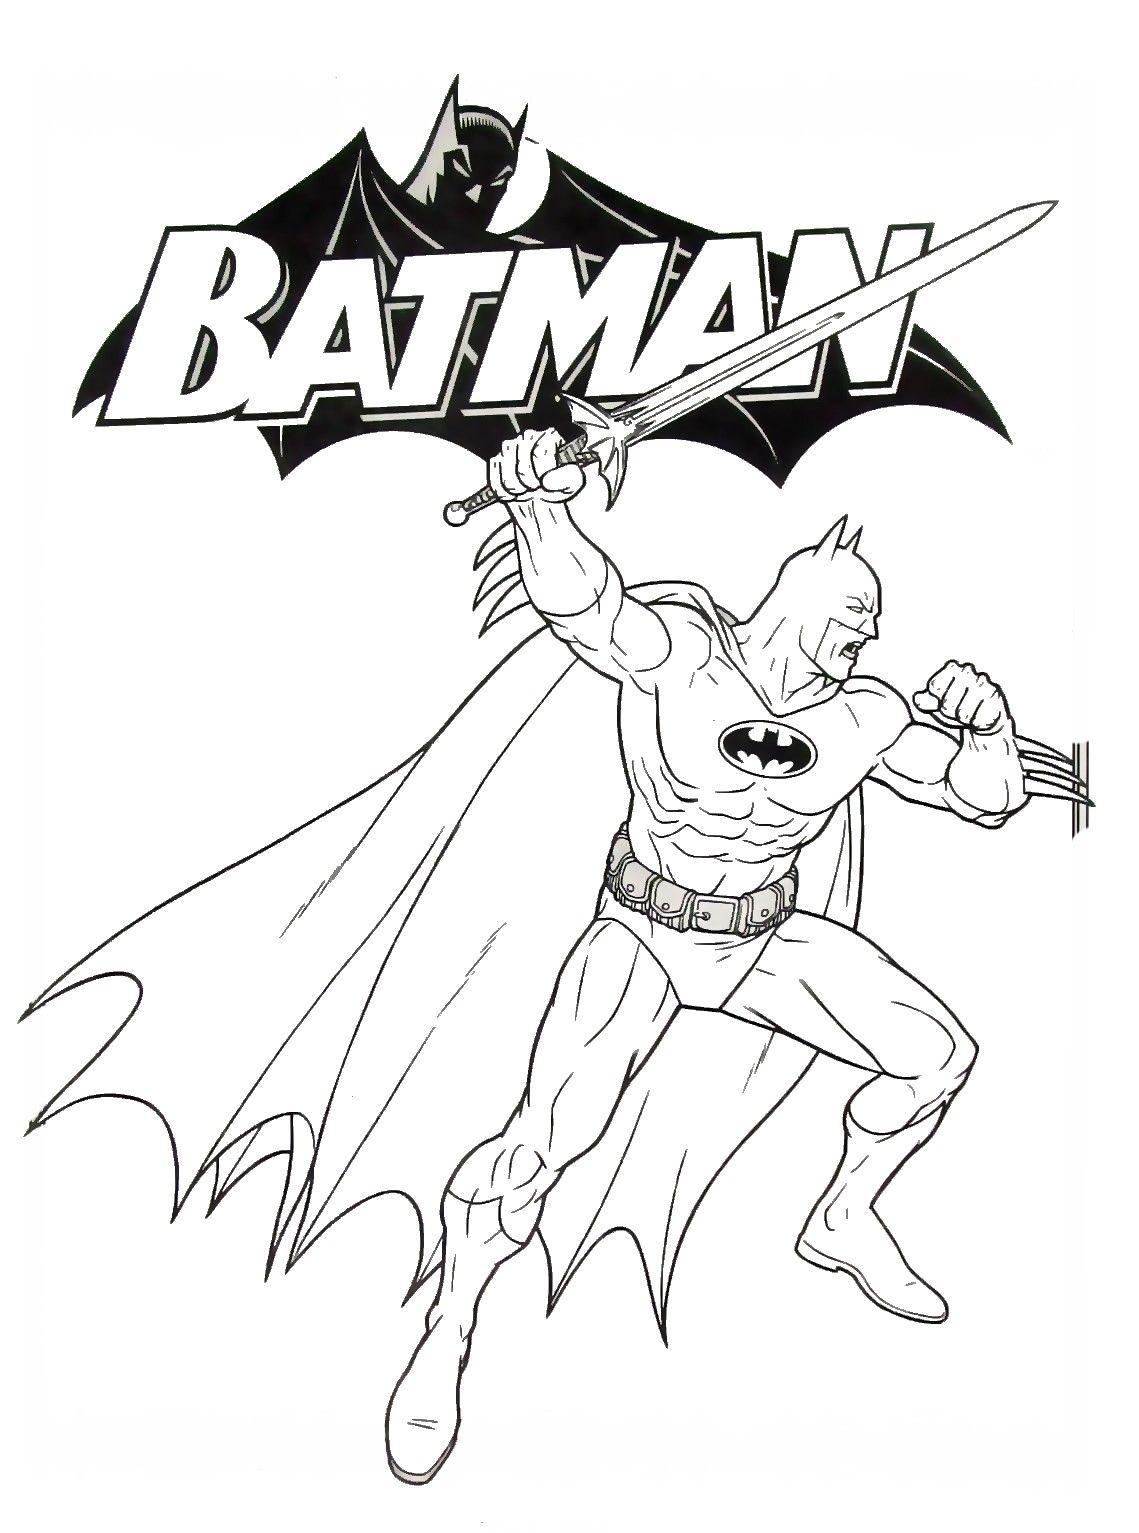 batman with sword coloring book page printable batman coloring